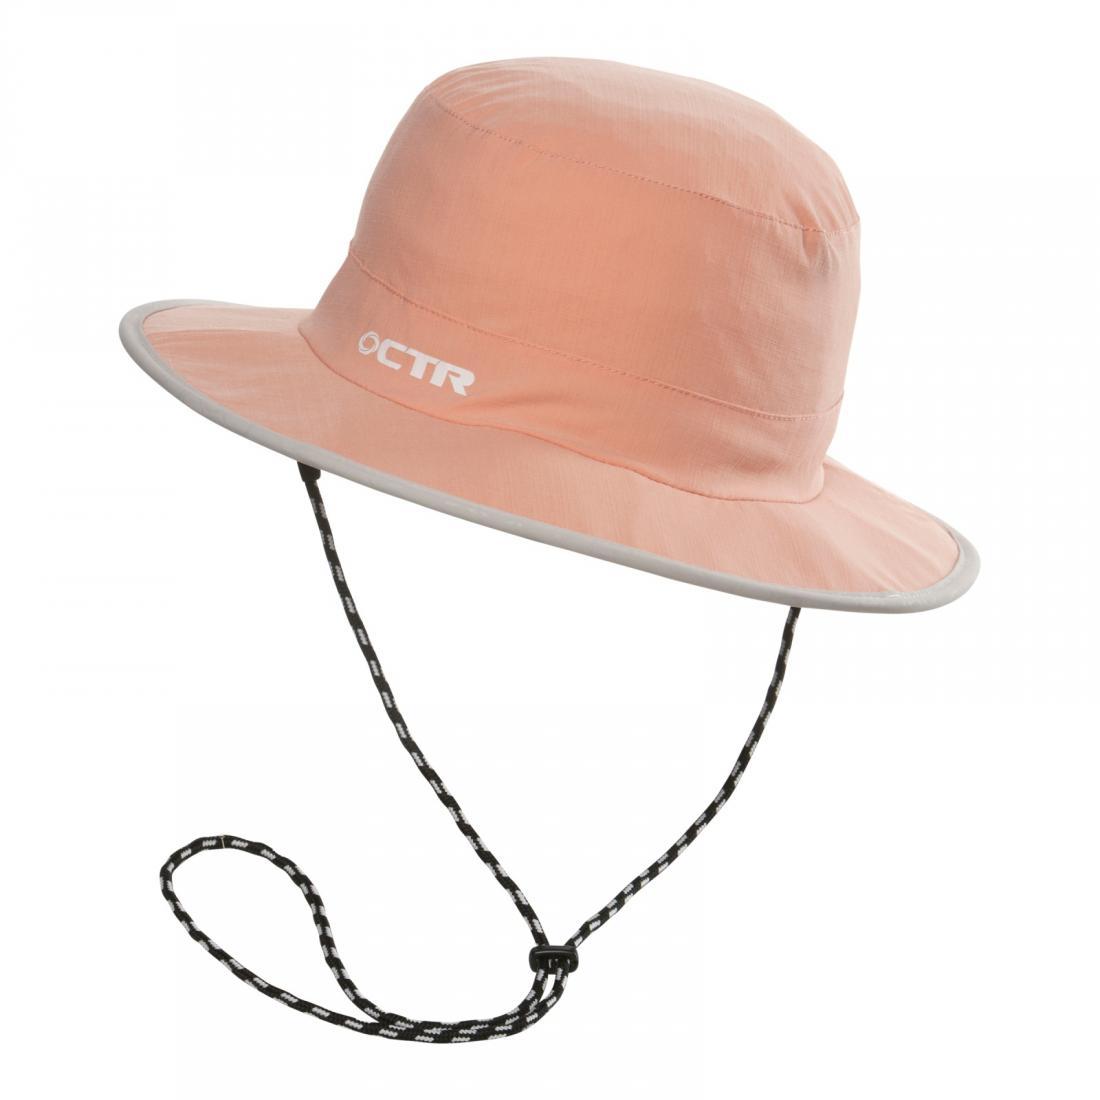 Панама Chaos  Summit Day Hat (женс)Панамы<br><br> Chaos Summit Day Hat — это оригинальная женская панама для яркого отдыха. Она привлекает внимание необычным дизайном, цветовым решением и формой полей. Эта модель идеально подходит для пляжного отдыха или длительных прогулок в ясную жаркую погоду.<br>...<br><br>Цвет: Розовый<br>Размер: L-XL